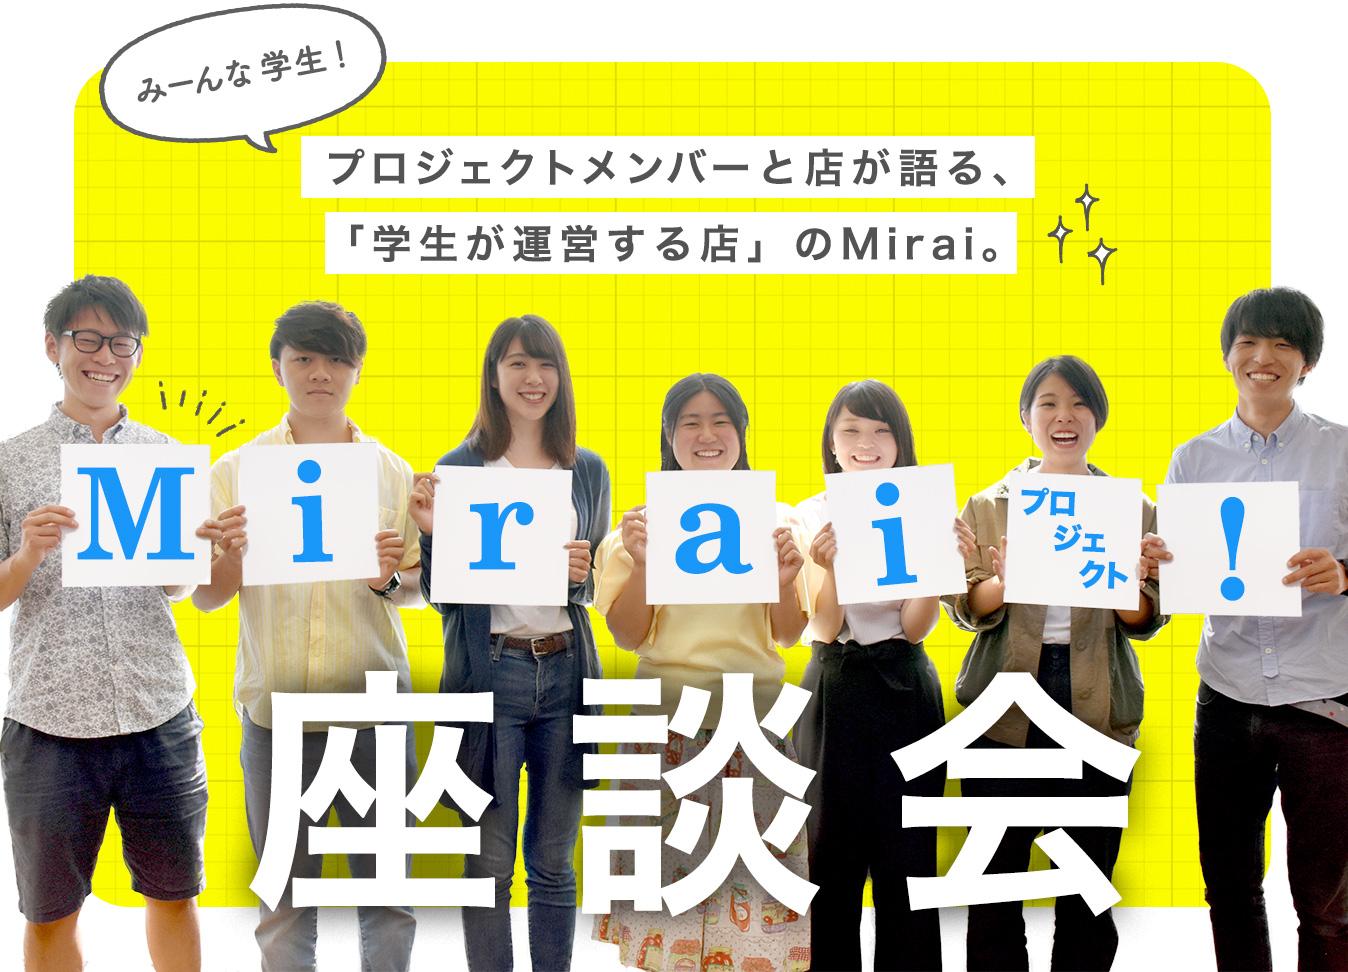 Miraiプロジェクト!座談会〜プロジェクトメンバーと店が語る、「学生が運営する店」のMirai。〜